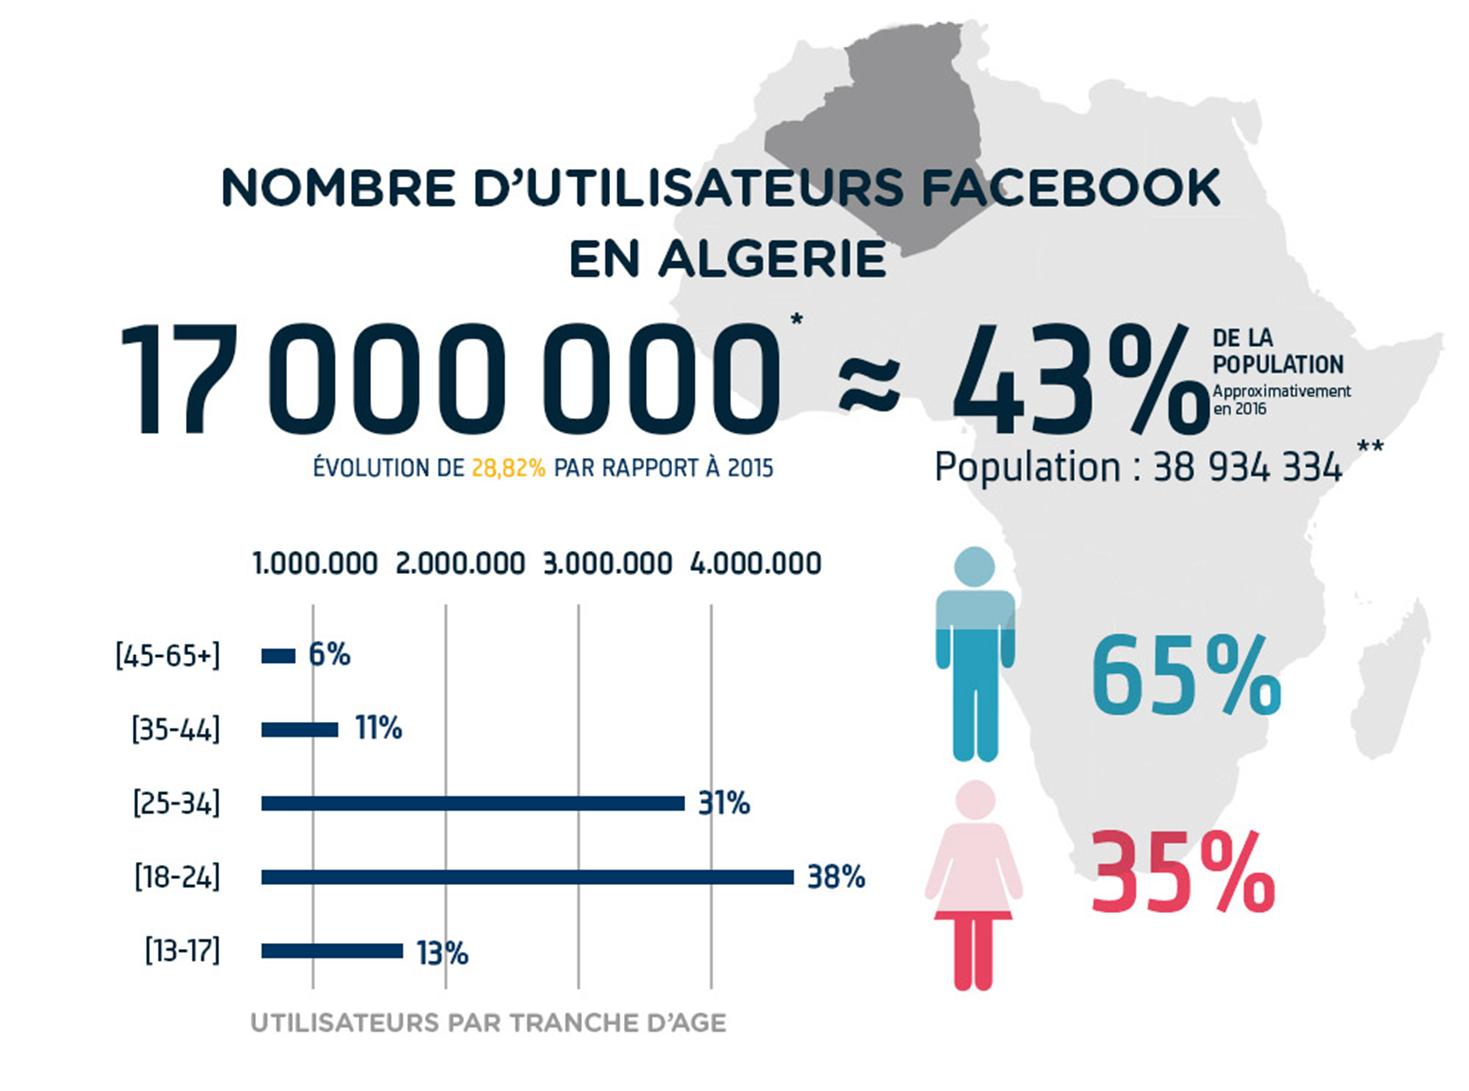 L'Algérie est le 2e pays africain plus connecté sur Facebook